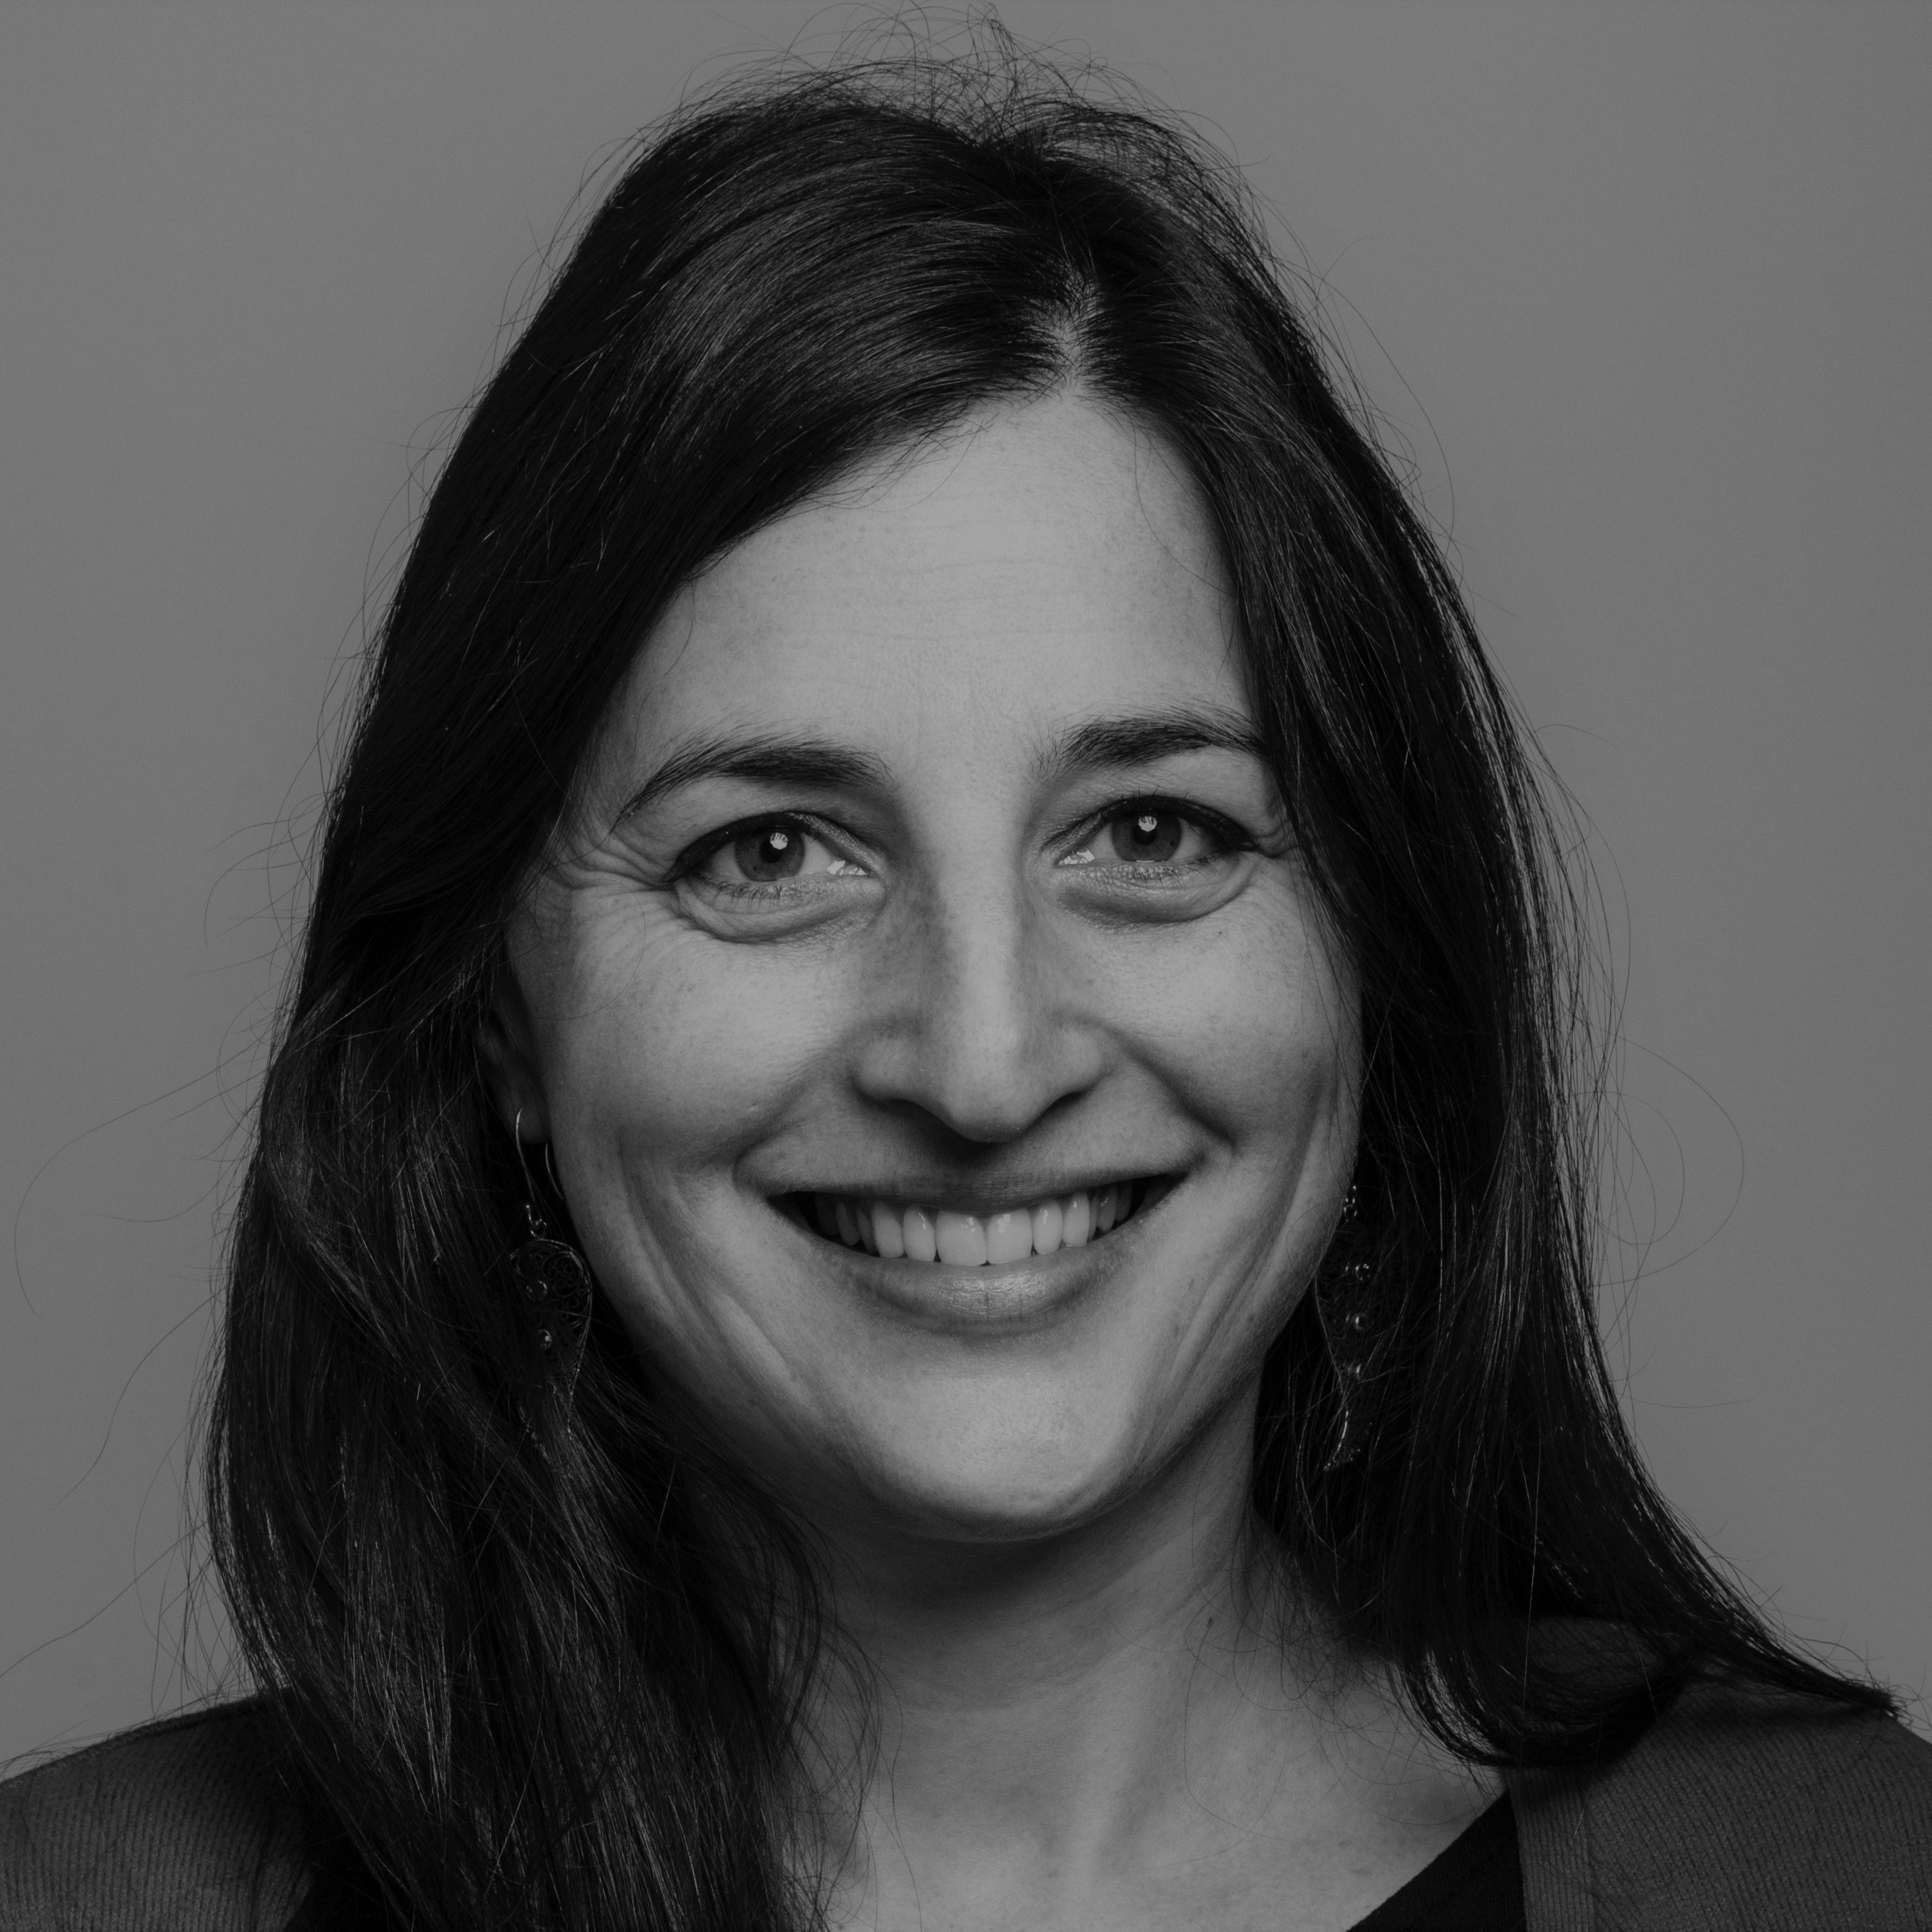 Sarah Lusthaus